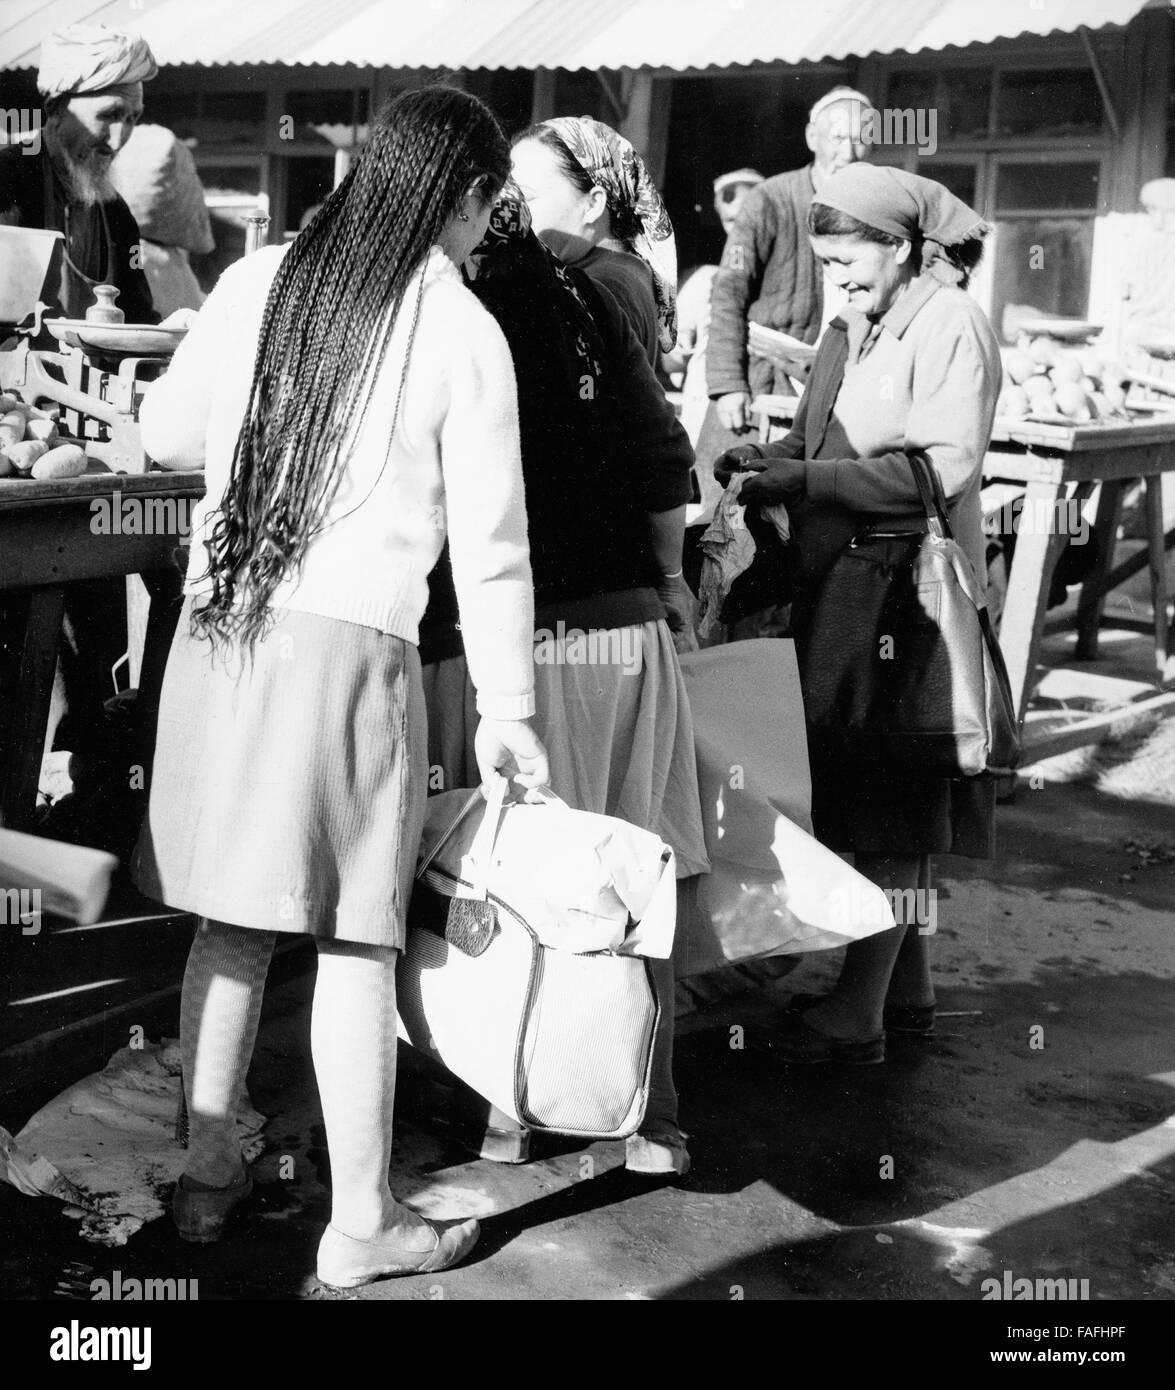 Frauen Auf Dem Basar in Taschkent in Usbekistan, Sowjetunuion 1970er Jahre. Frauen am Basar von Taschkent in Uzbekistan, Stockbild